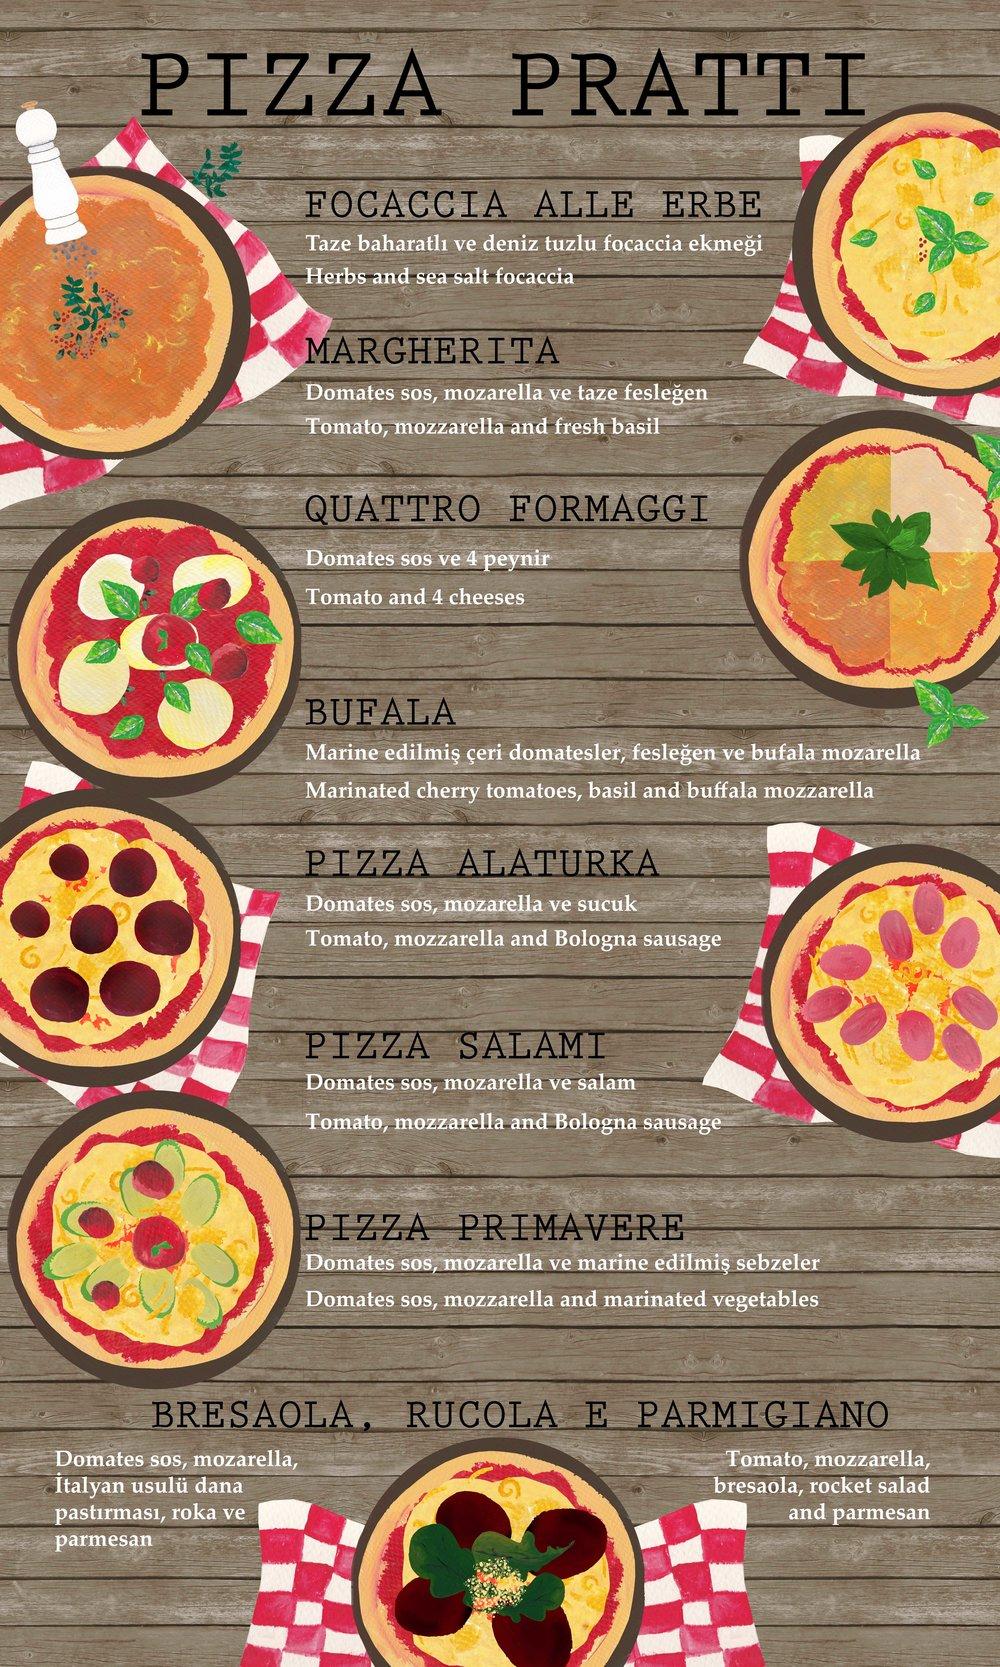 Pizza Pratti.jpg